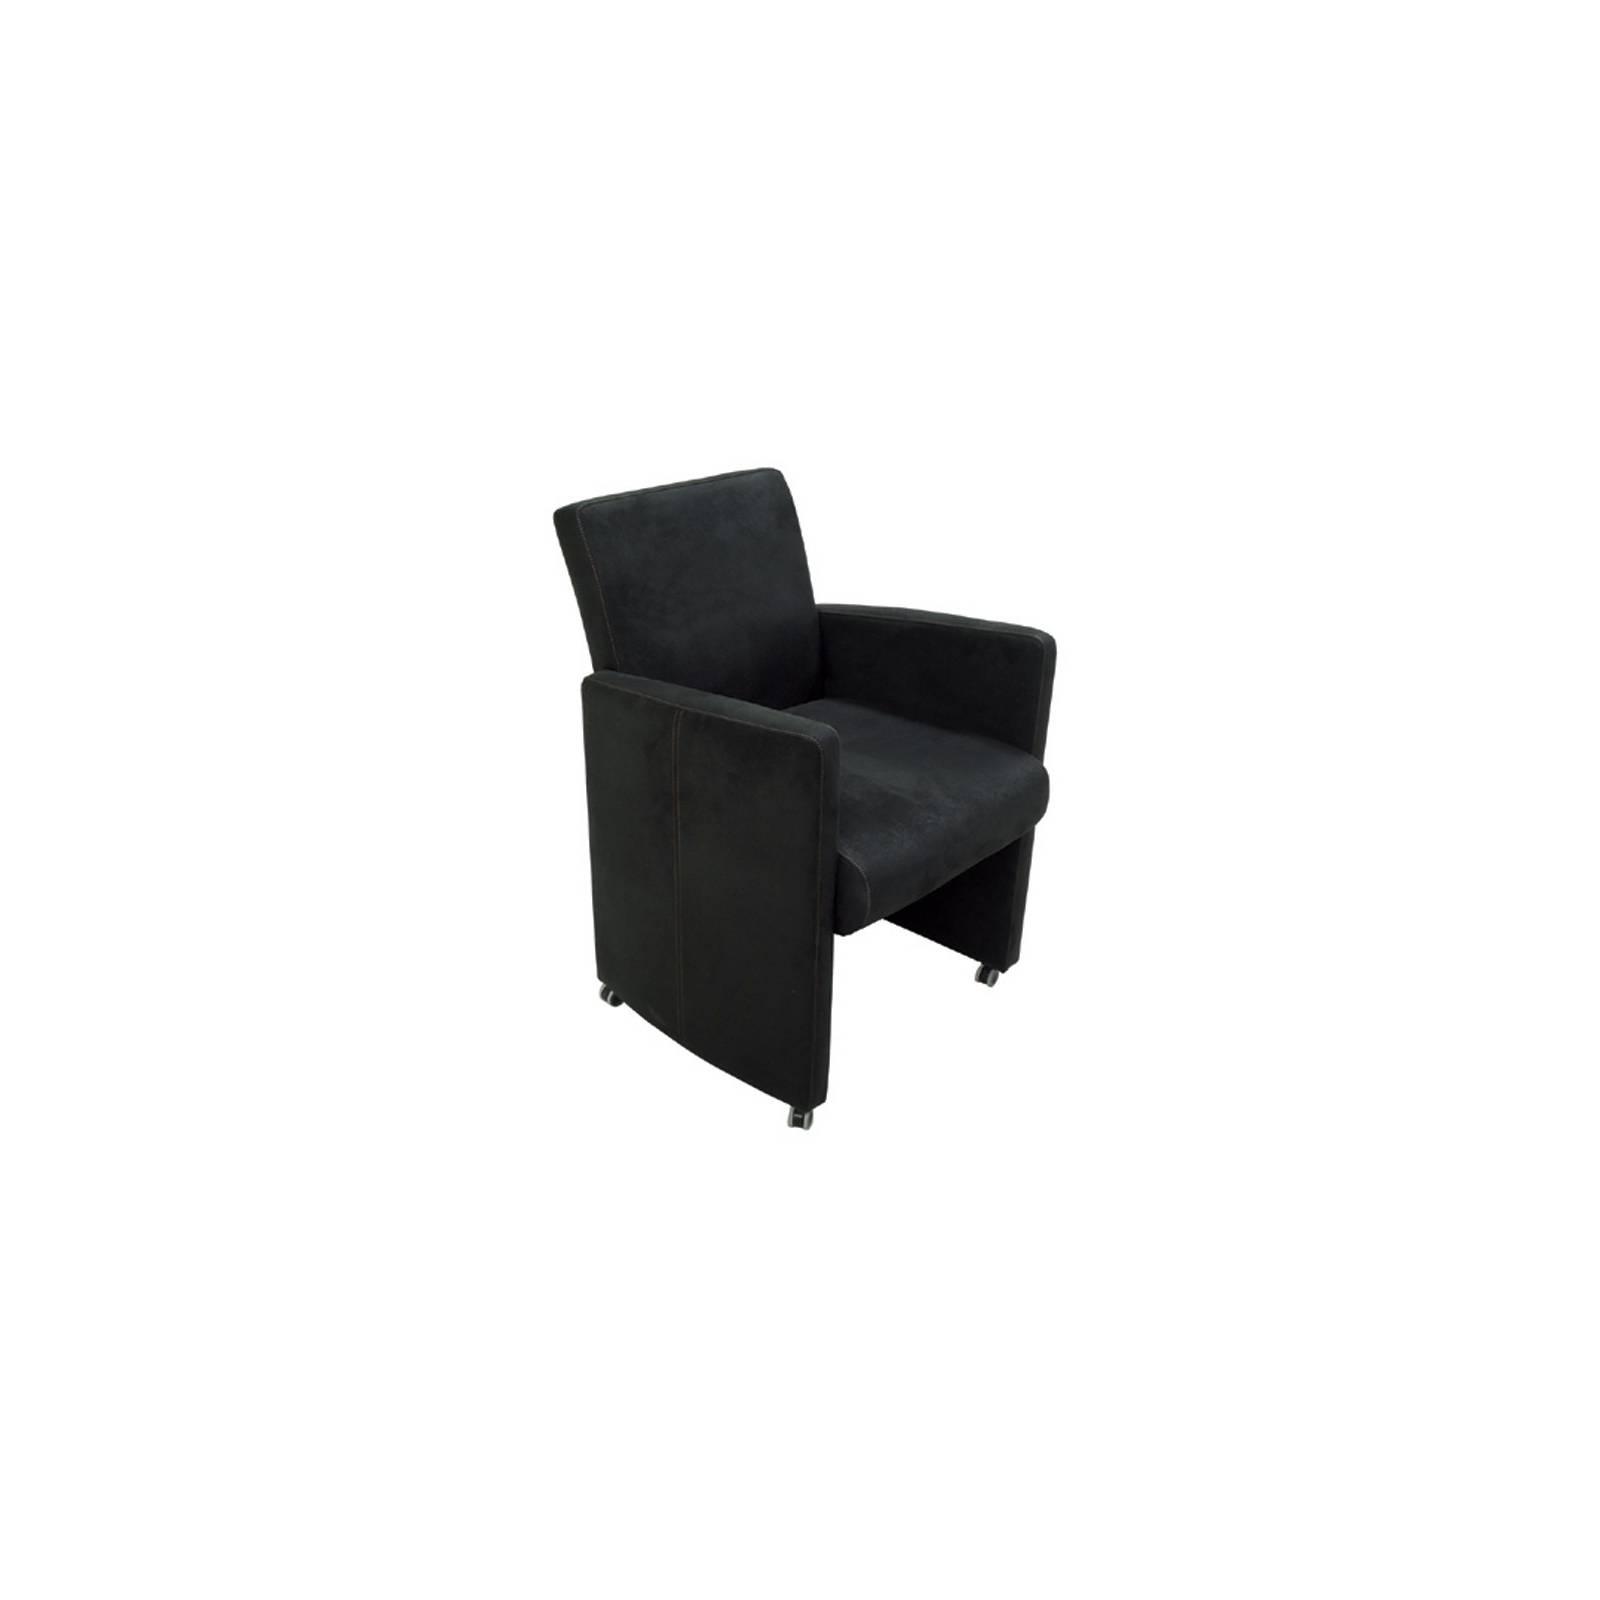 Fauteuil Microfibre Hudson - achat fauteuils